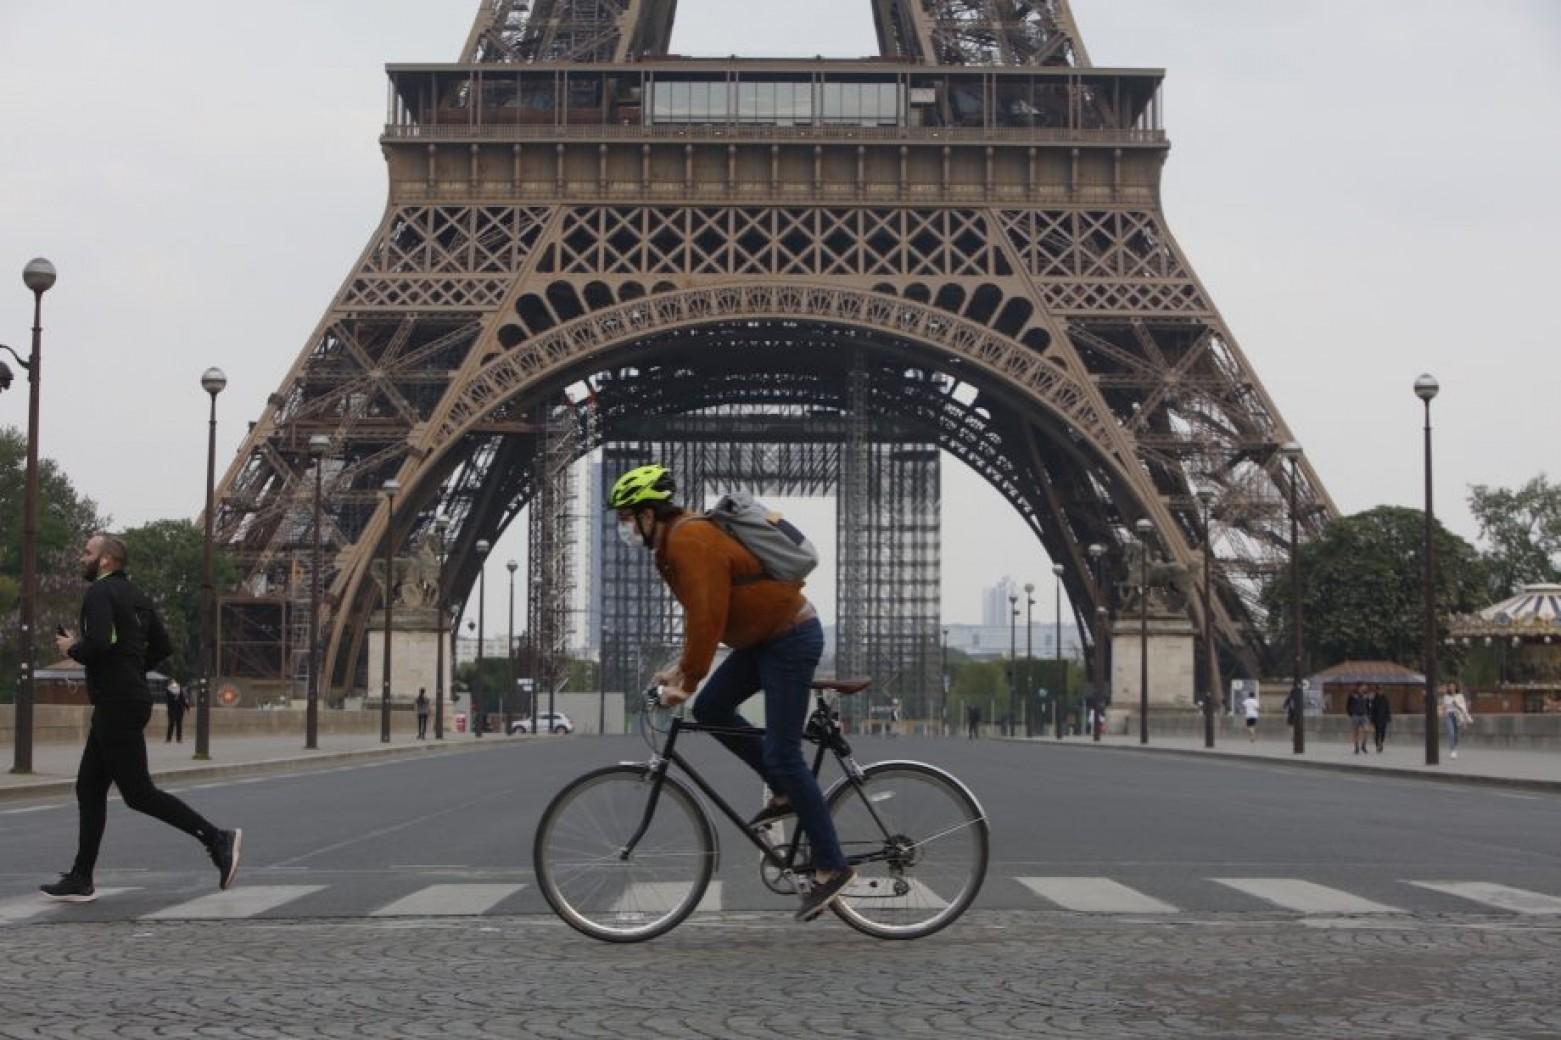 francia-2500-euros-e-bike-coche-antiguo/